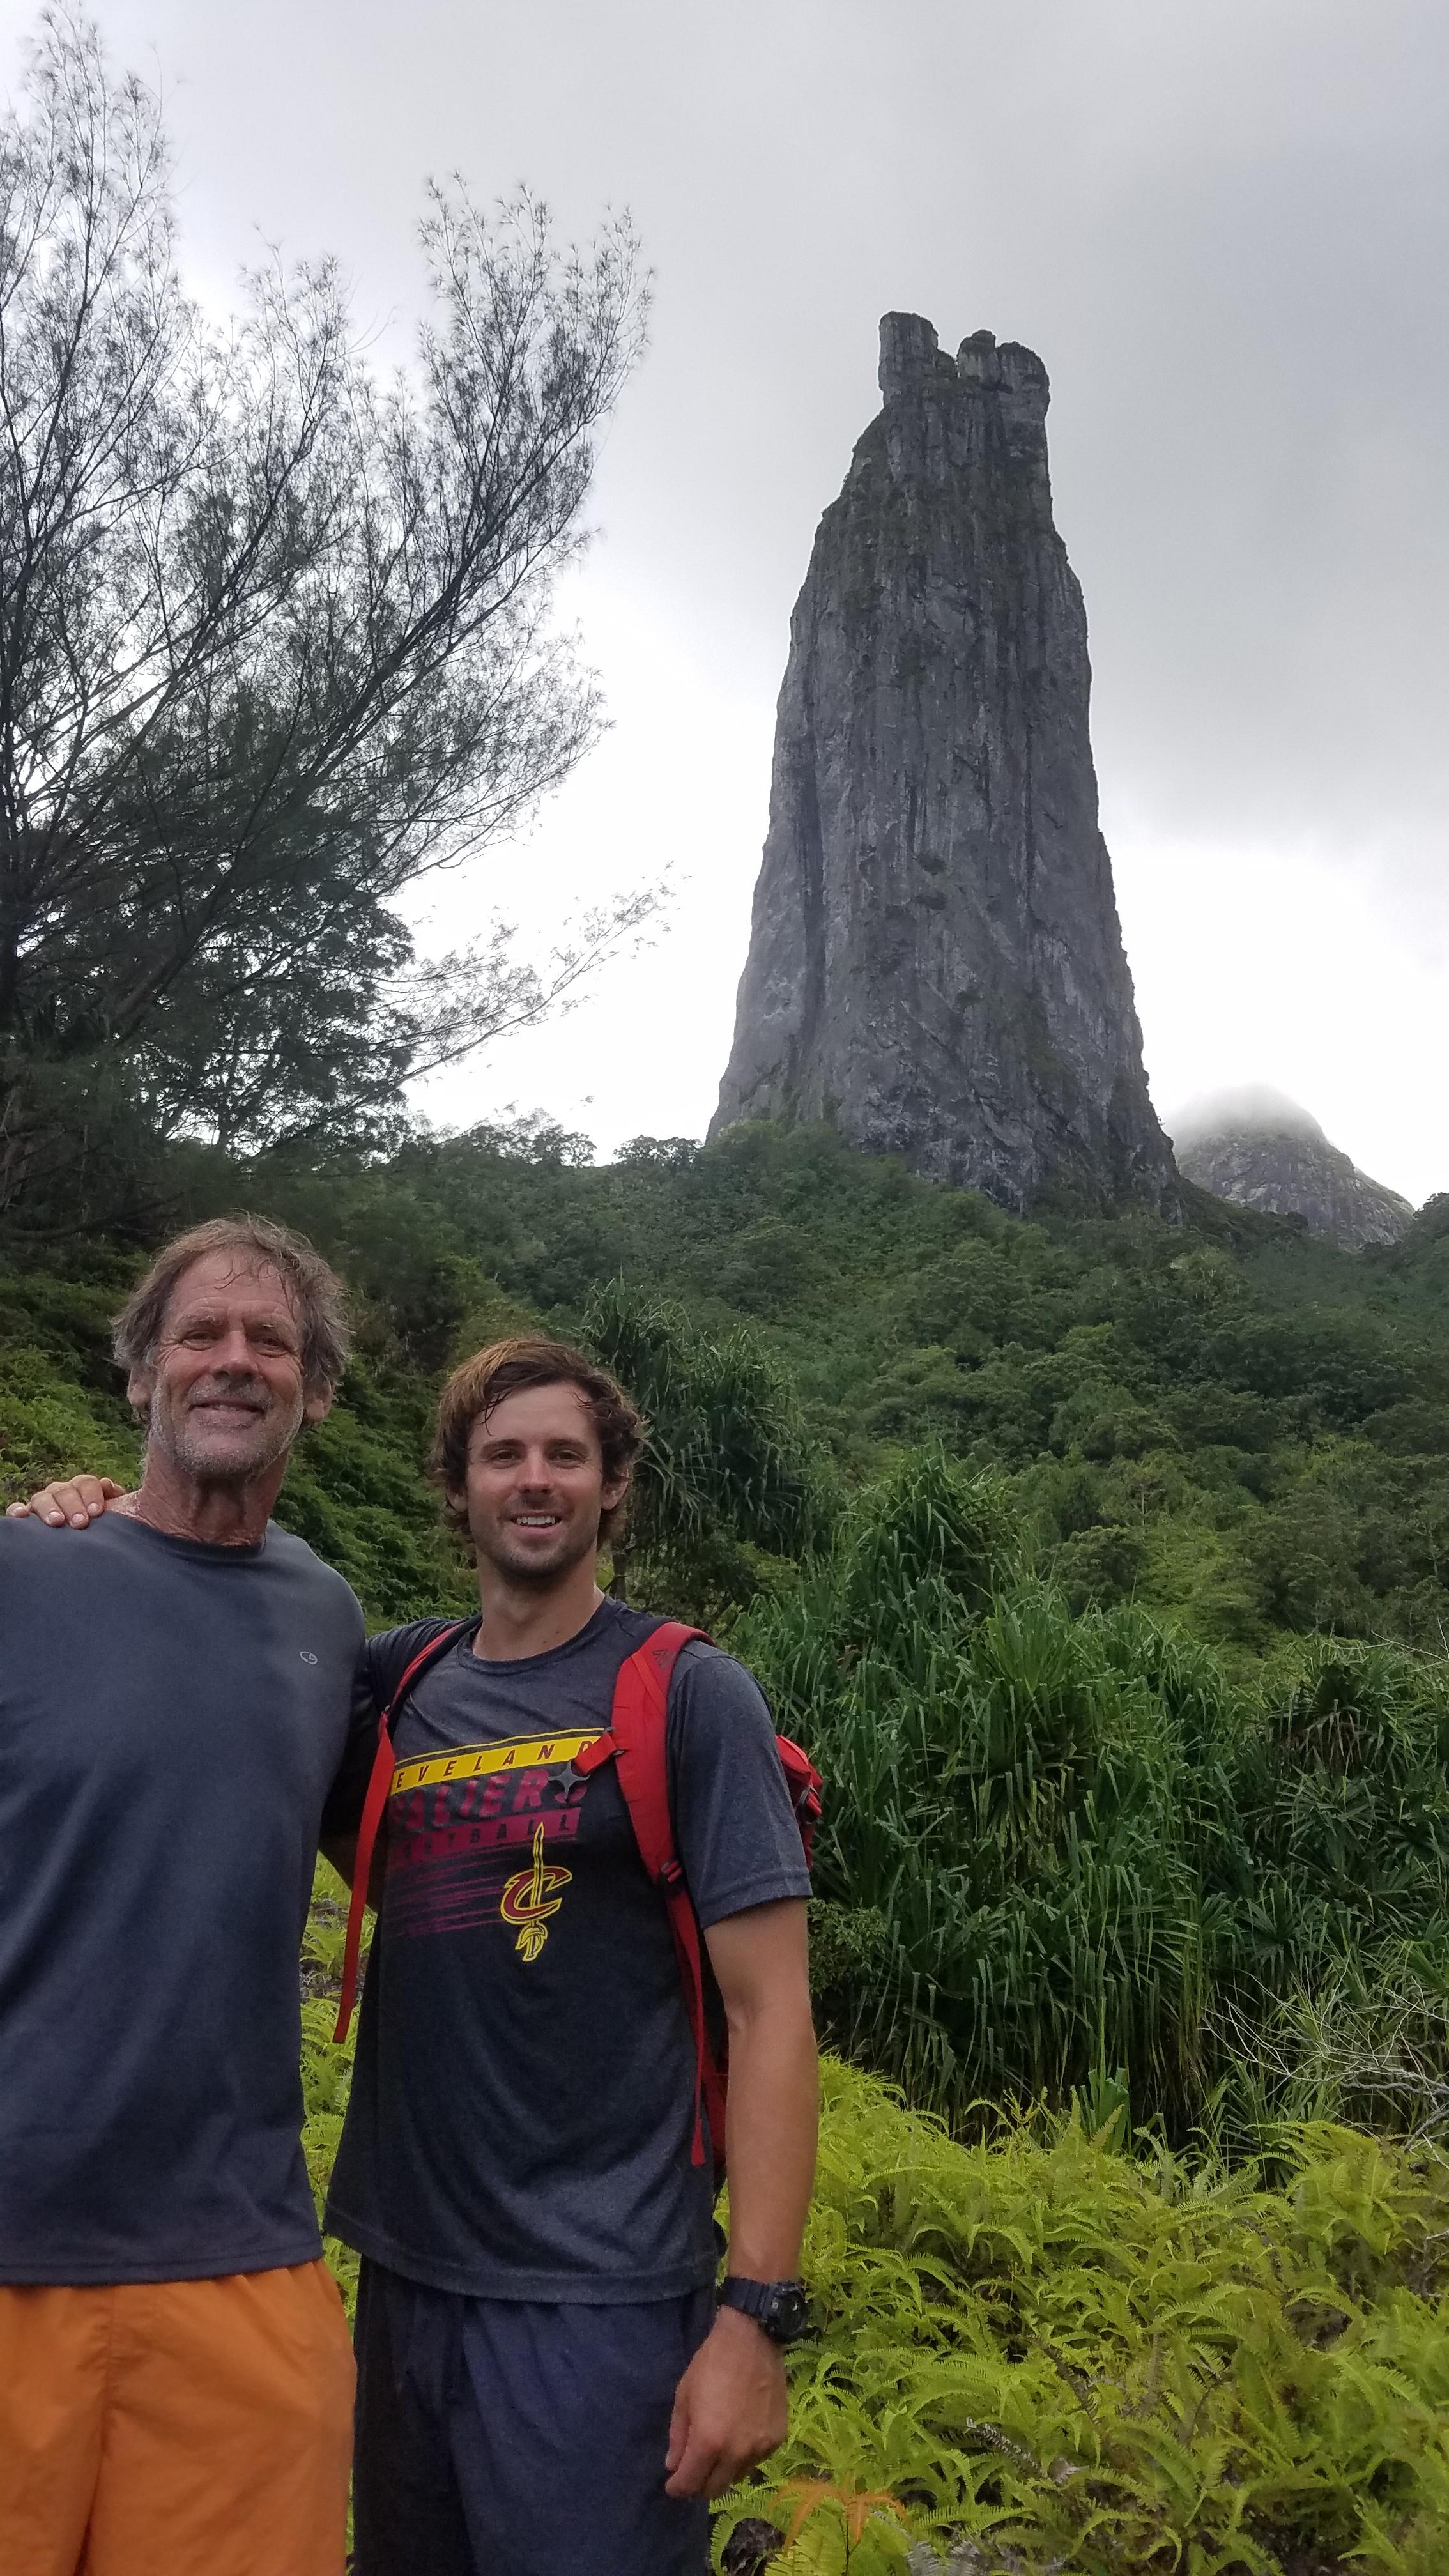 Travis Steinemann and his father